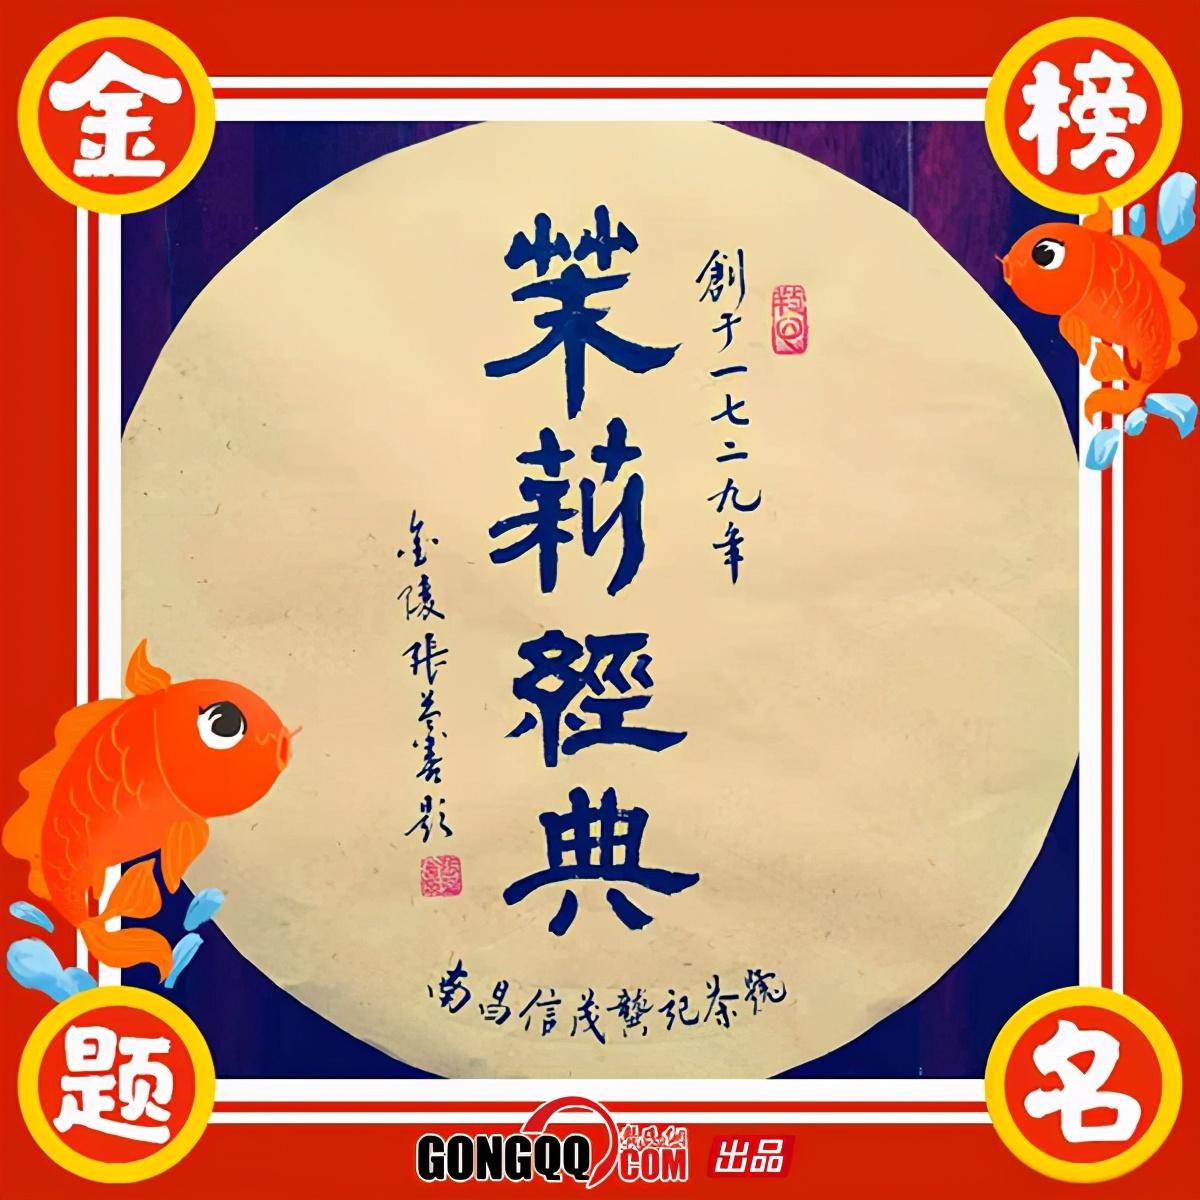 南昌《老字号》龚千寿莉花茶品牌赞助支持龚氏网